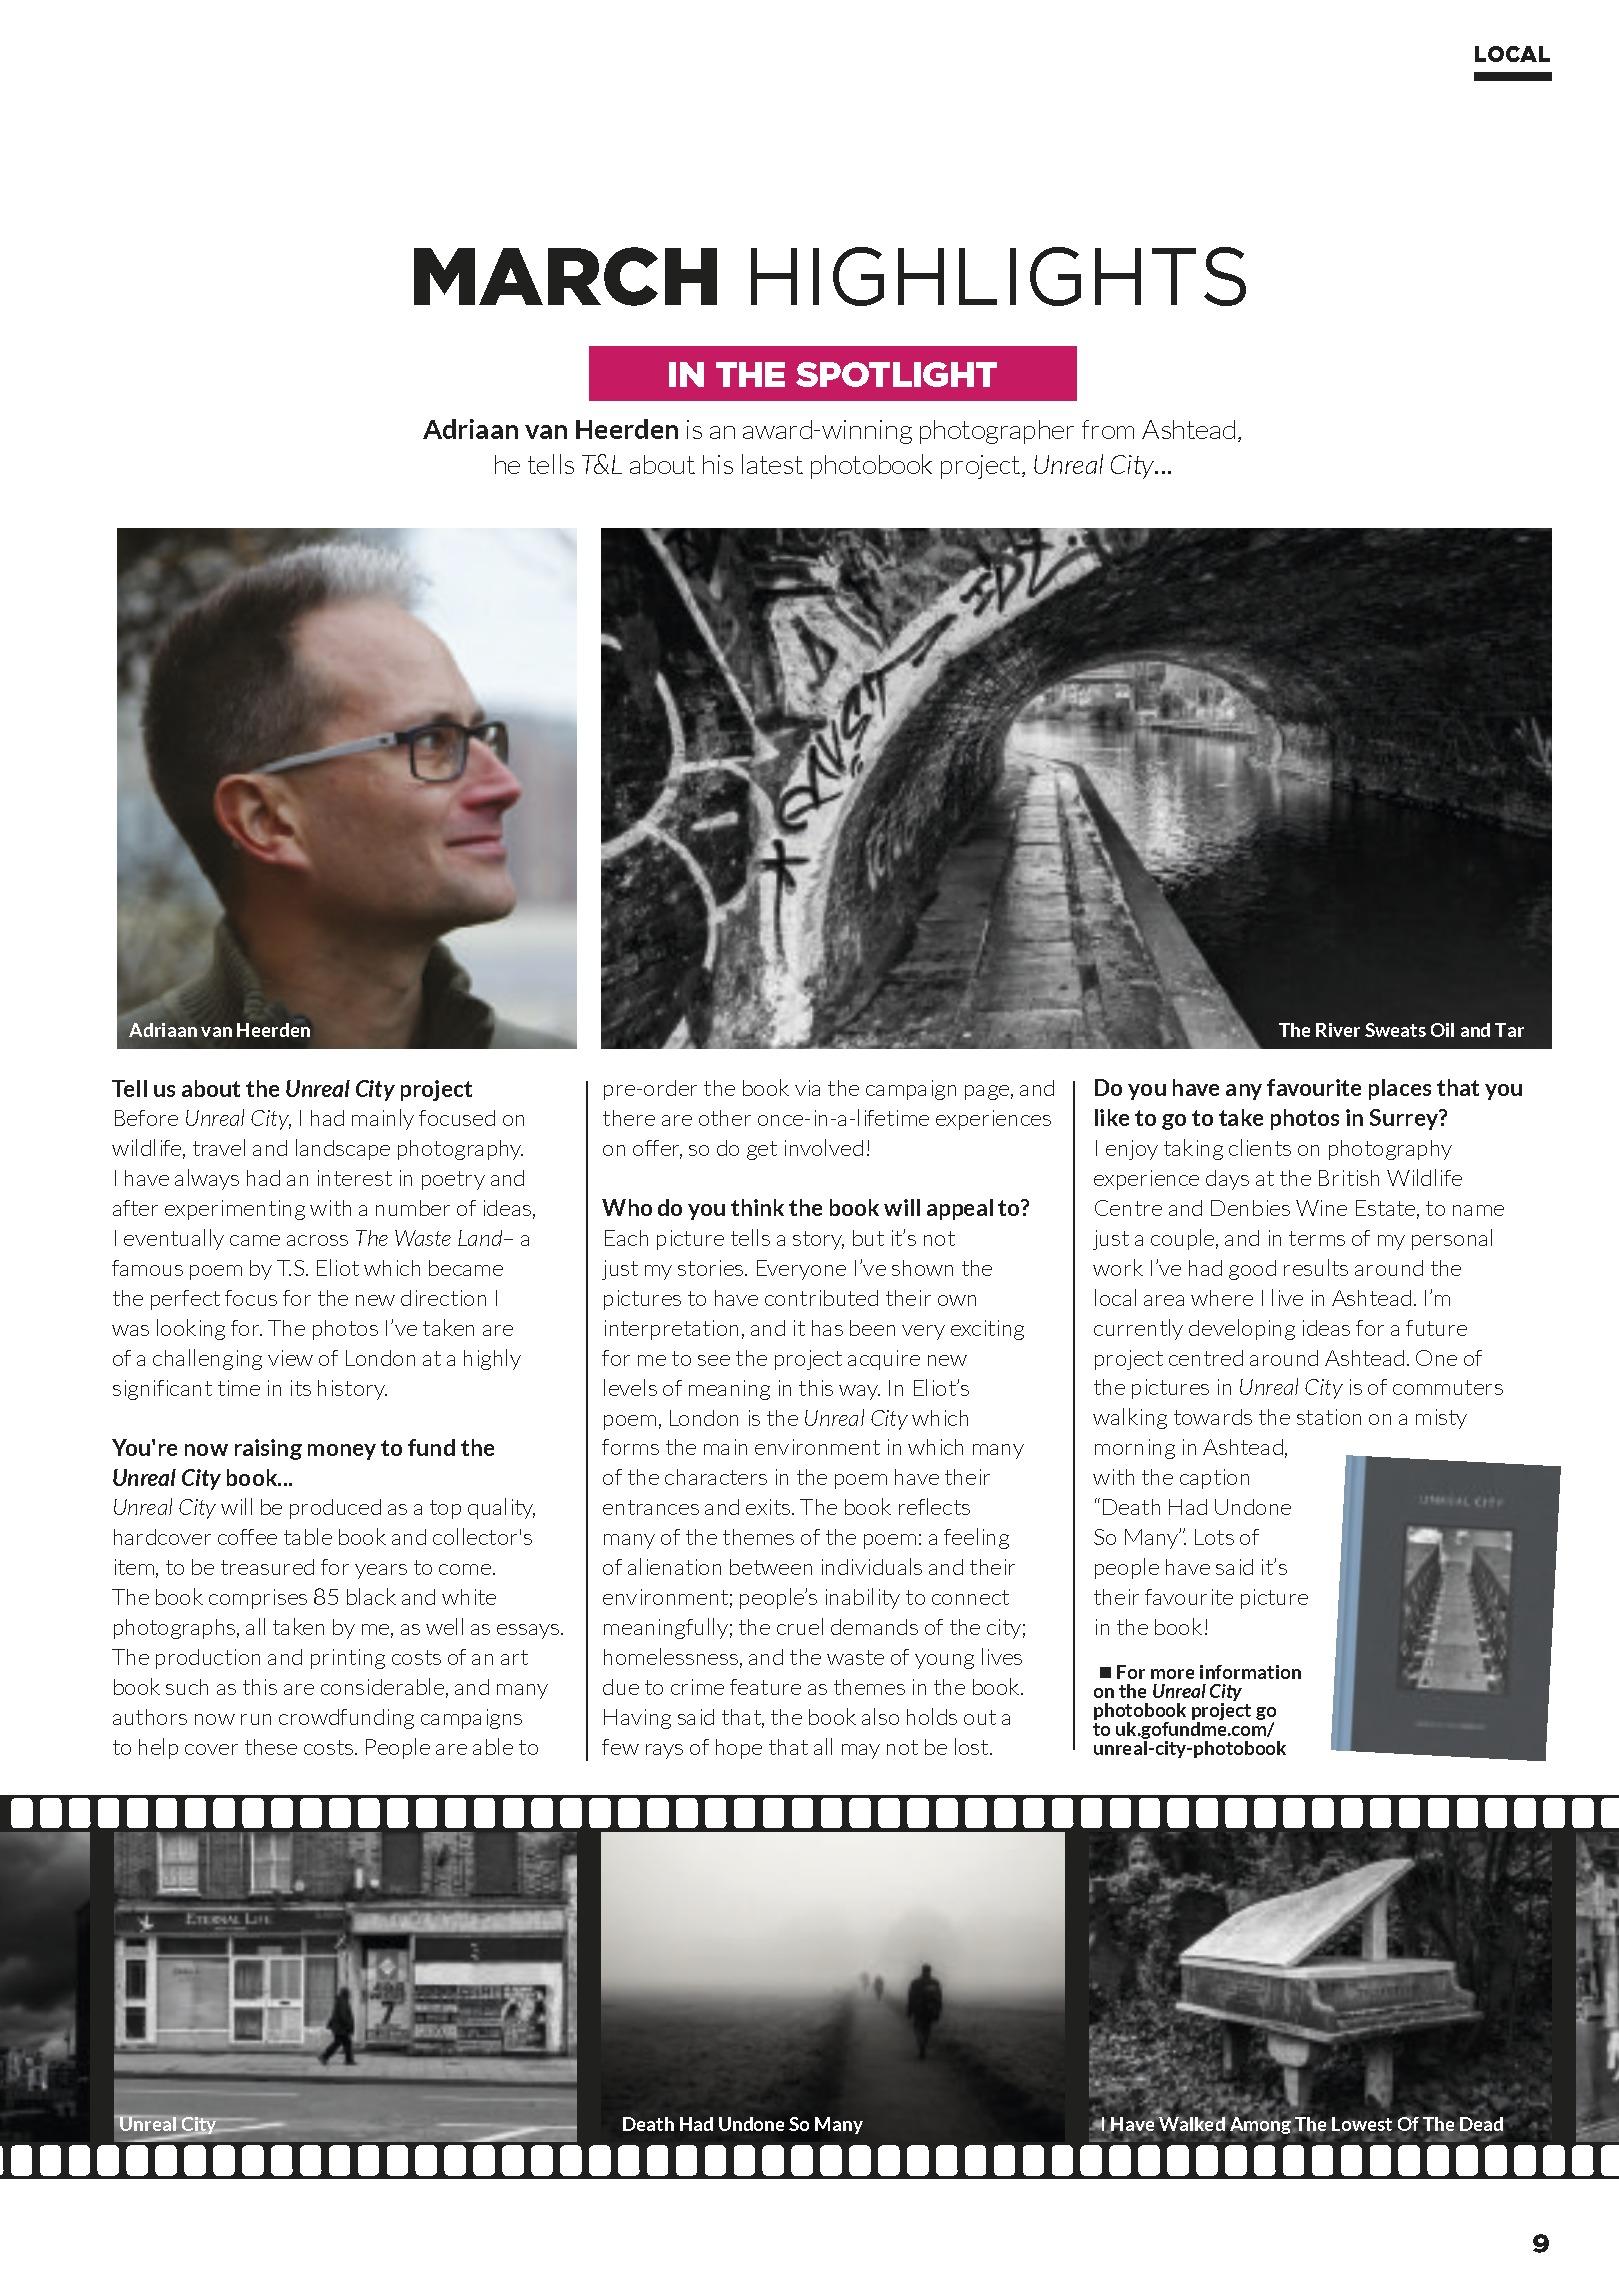 Adriaan van Heerden Unreal City interview for Time and Leisure Magazine March 2019